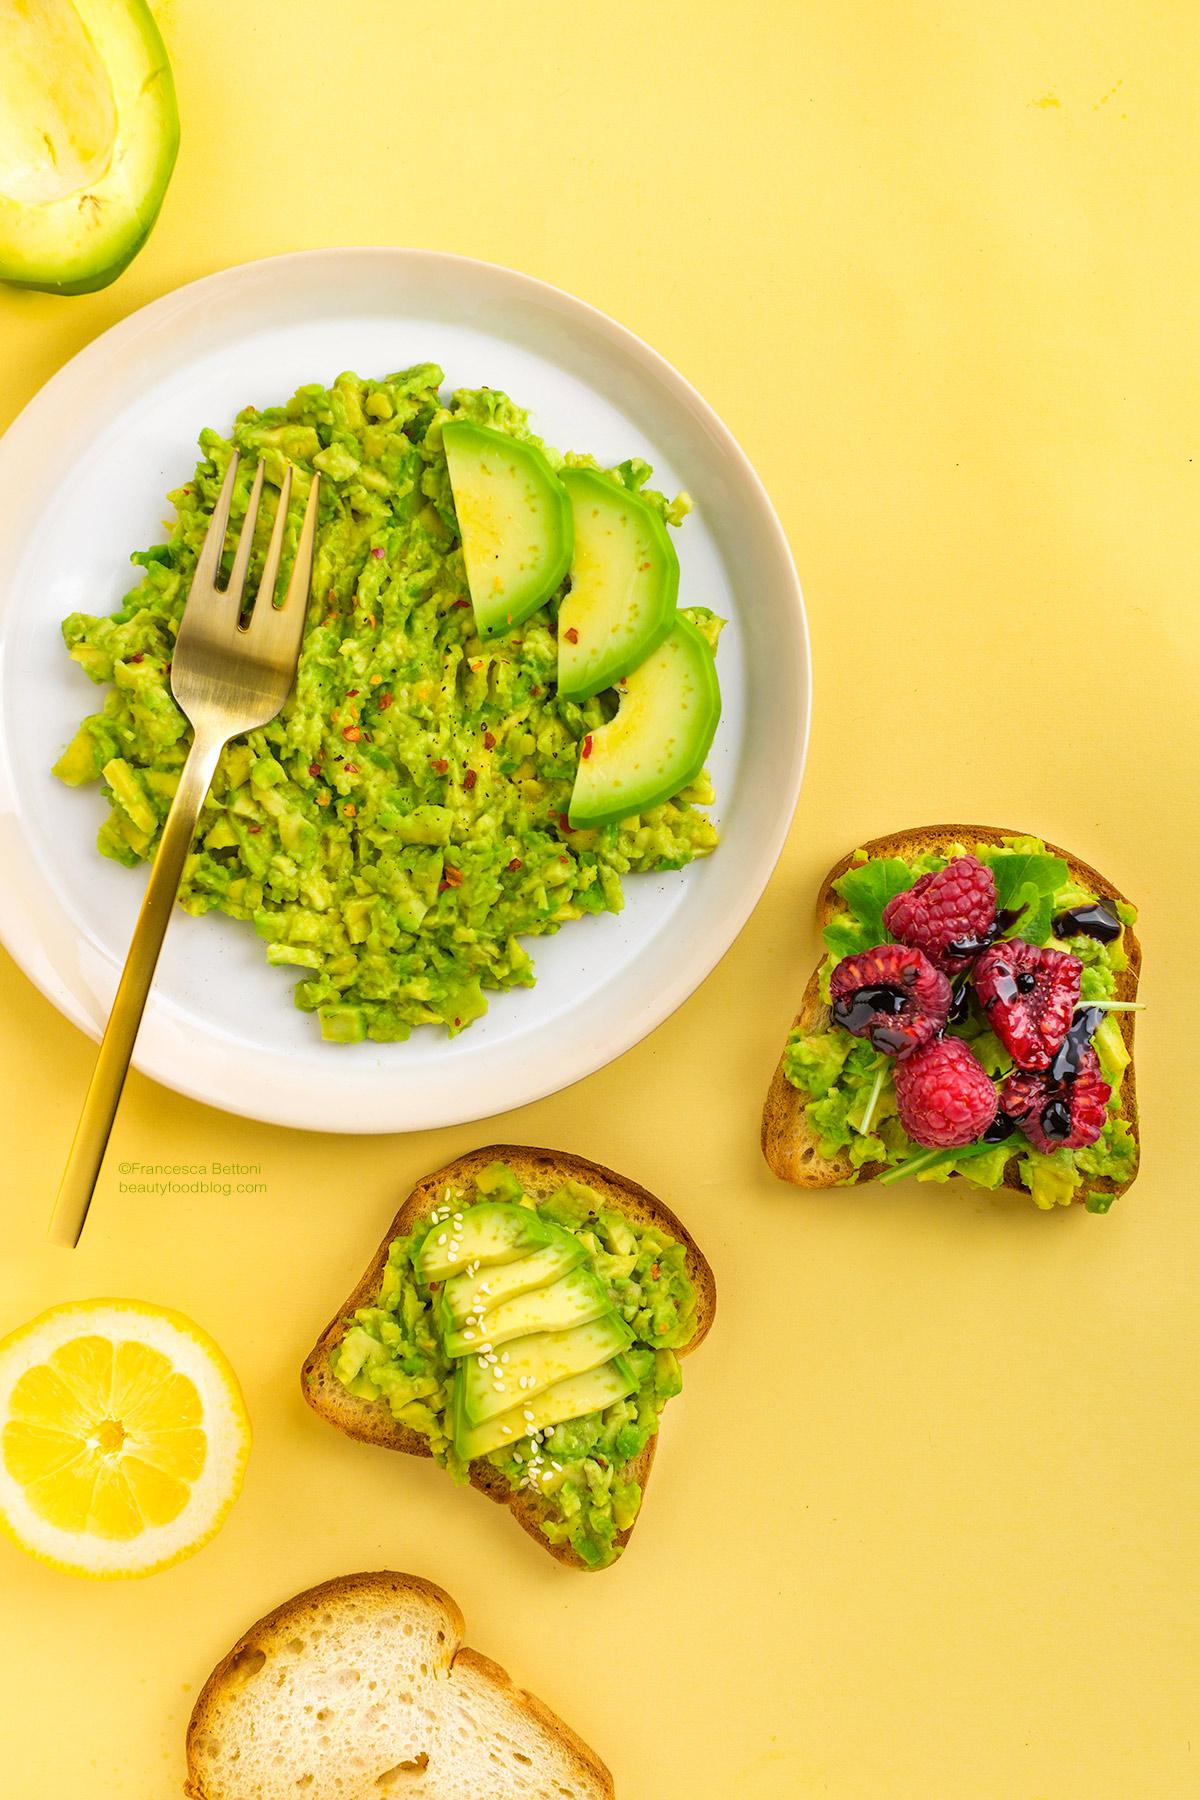 easy glutenfree vegan avocado toast recipe -ricetta avocado toast vegan senza glutine con lamponi facile e veloce